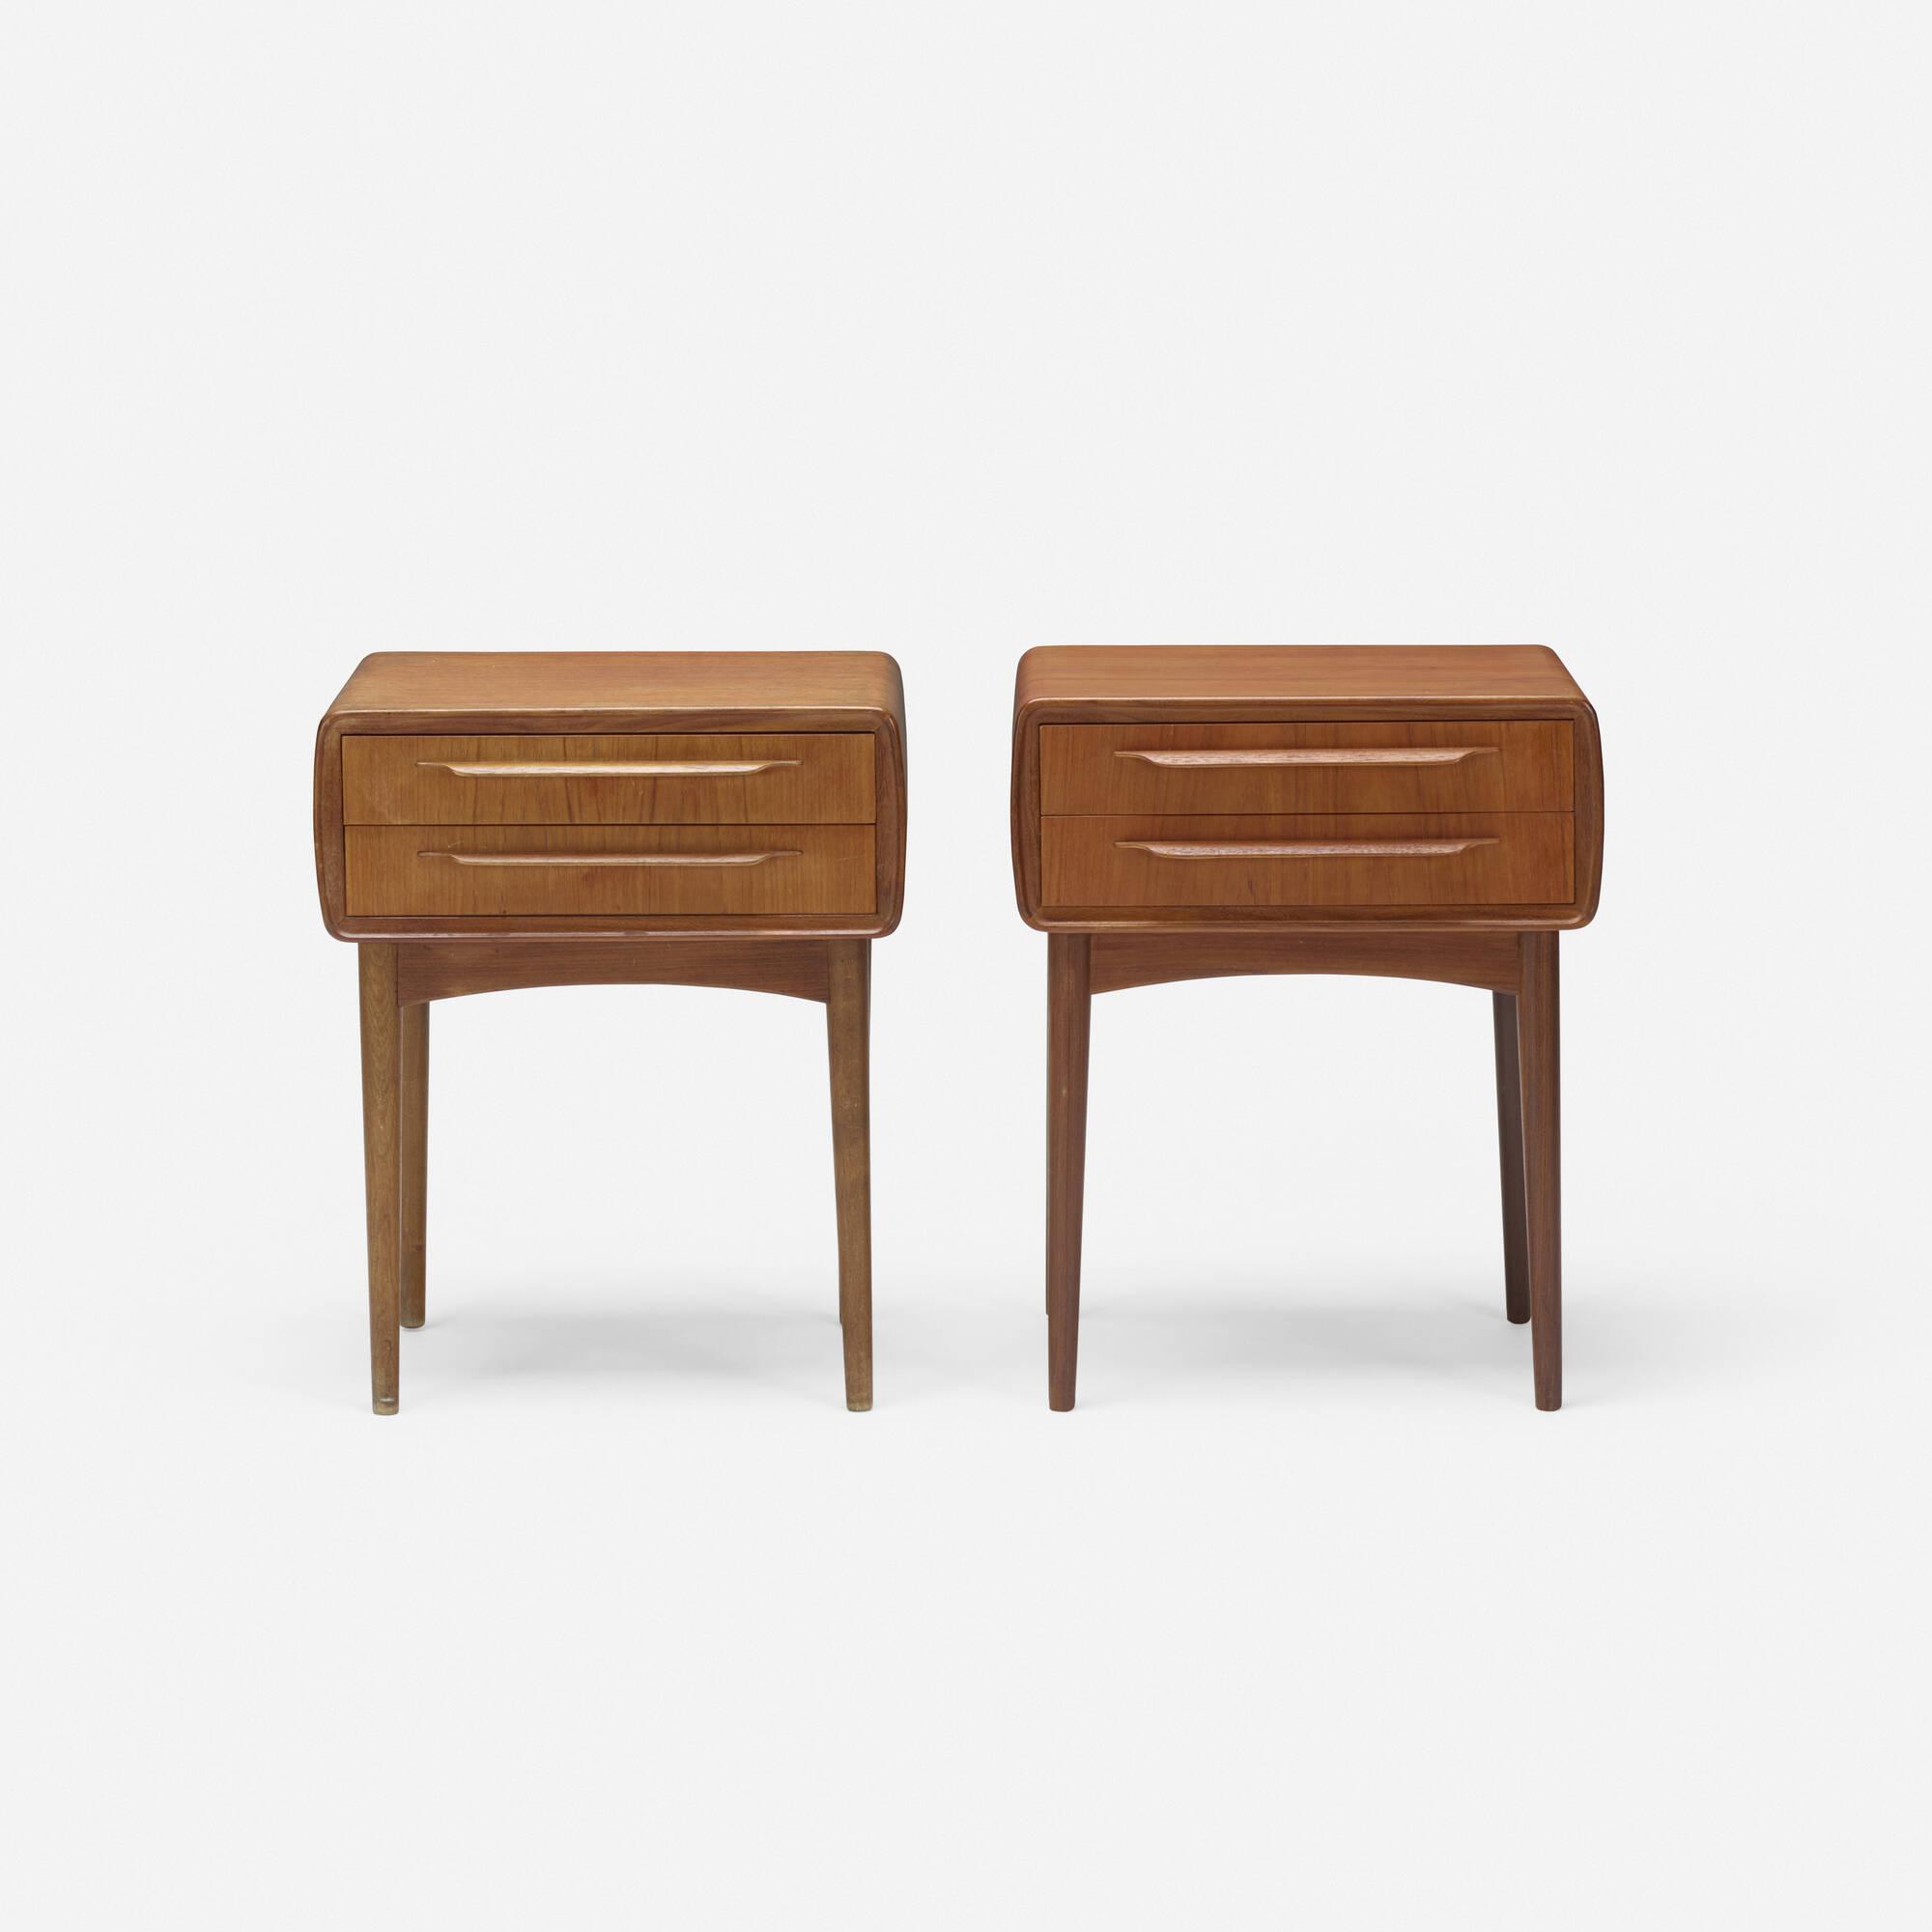 331: Johannes Andersen / nightstands, pair (2 of 3)